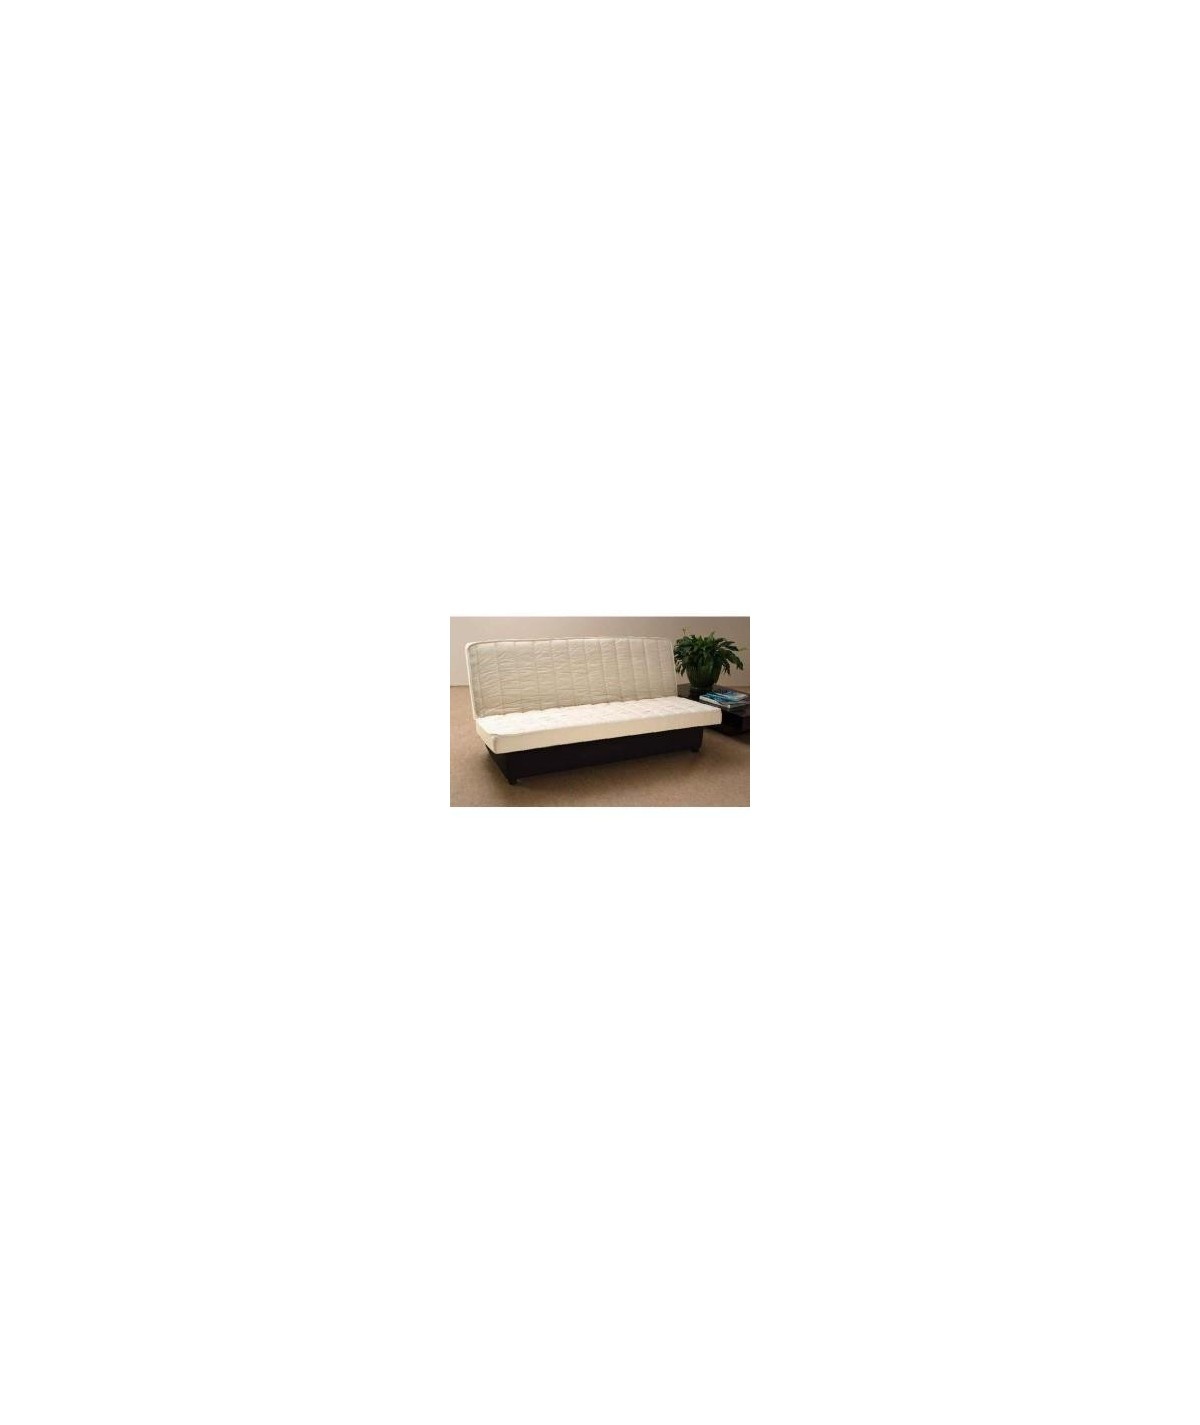 Matelas Clic Clac 15cm  Latex Naturel 80 Kg/m3 + Poli Lattex Indéformable Ferme + Protège Matelas + Oreiller à Mémoire OFFERTS